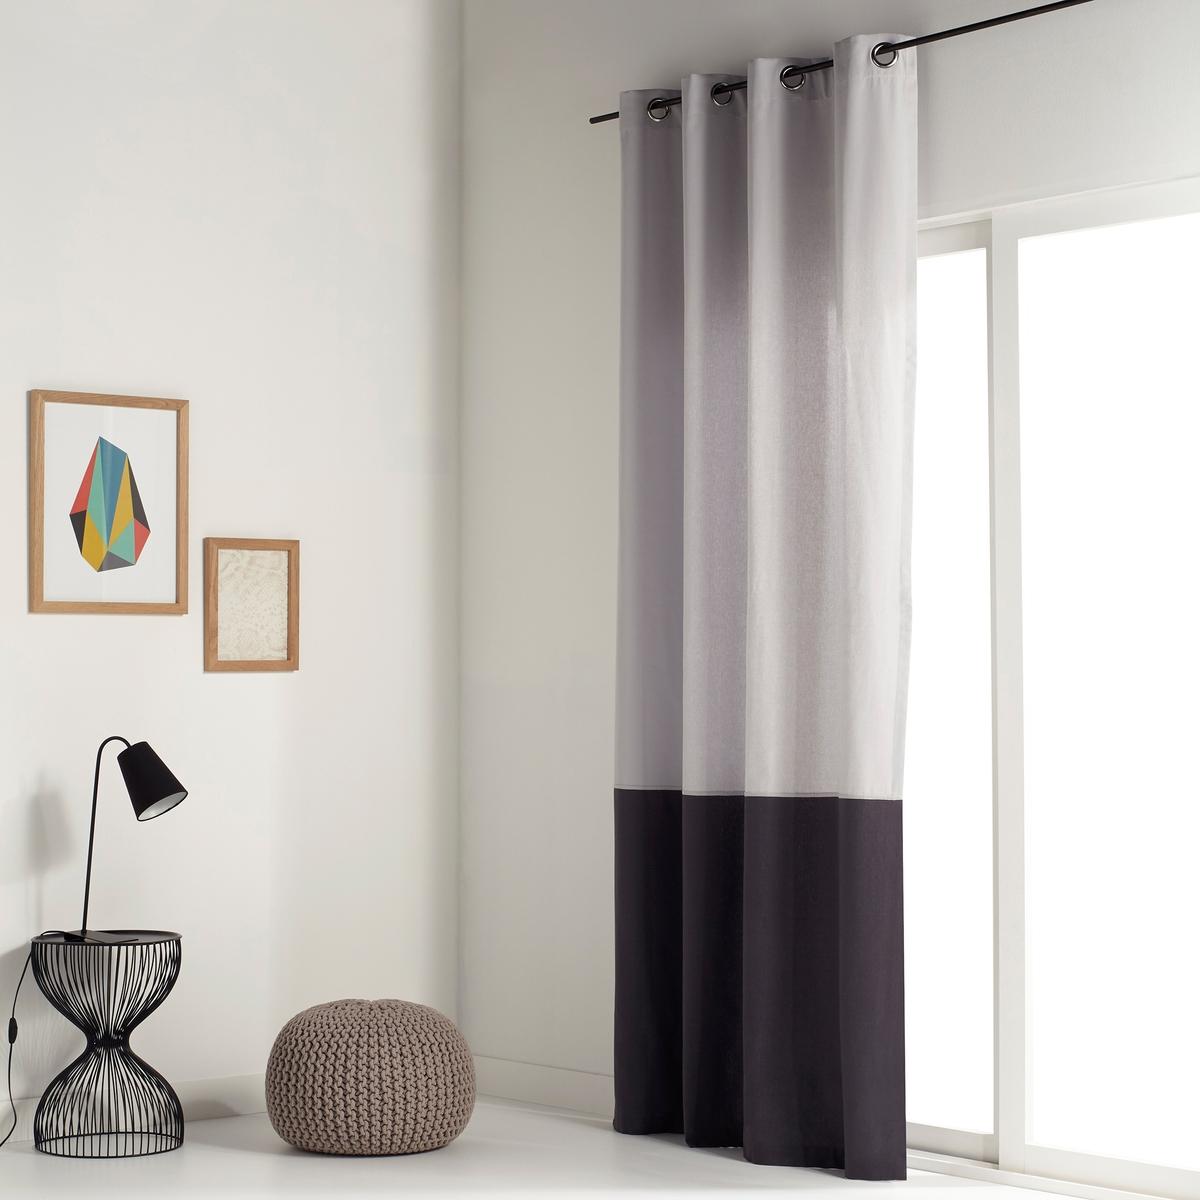 Штора La Redoute Двухцветная из хлопка AGURI 180 x 140 см серый штора с люверсами 100% хлопок aron